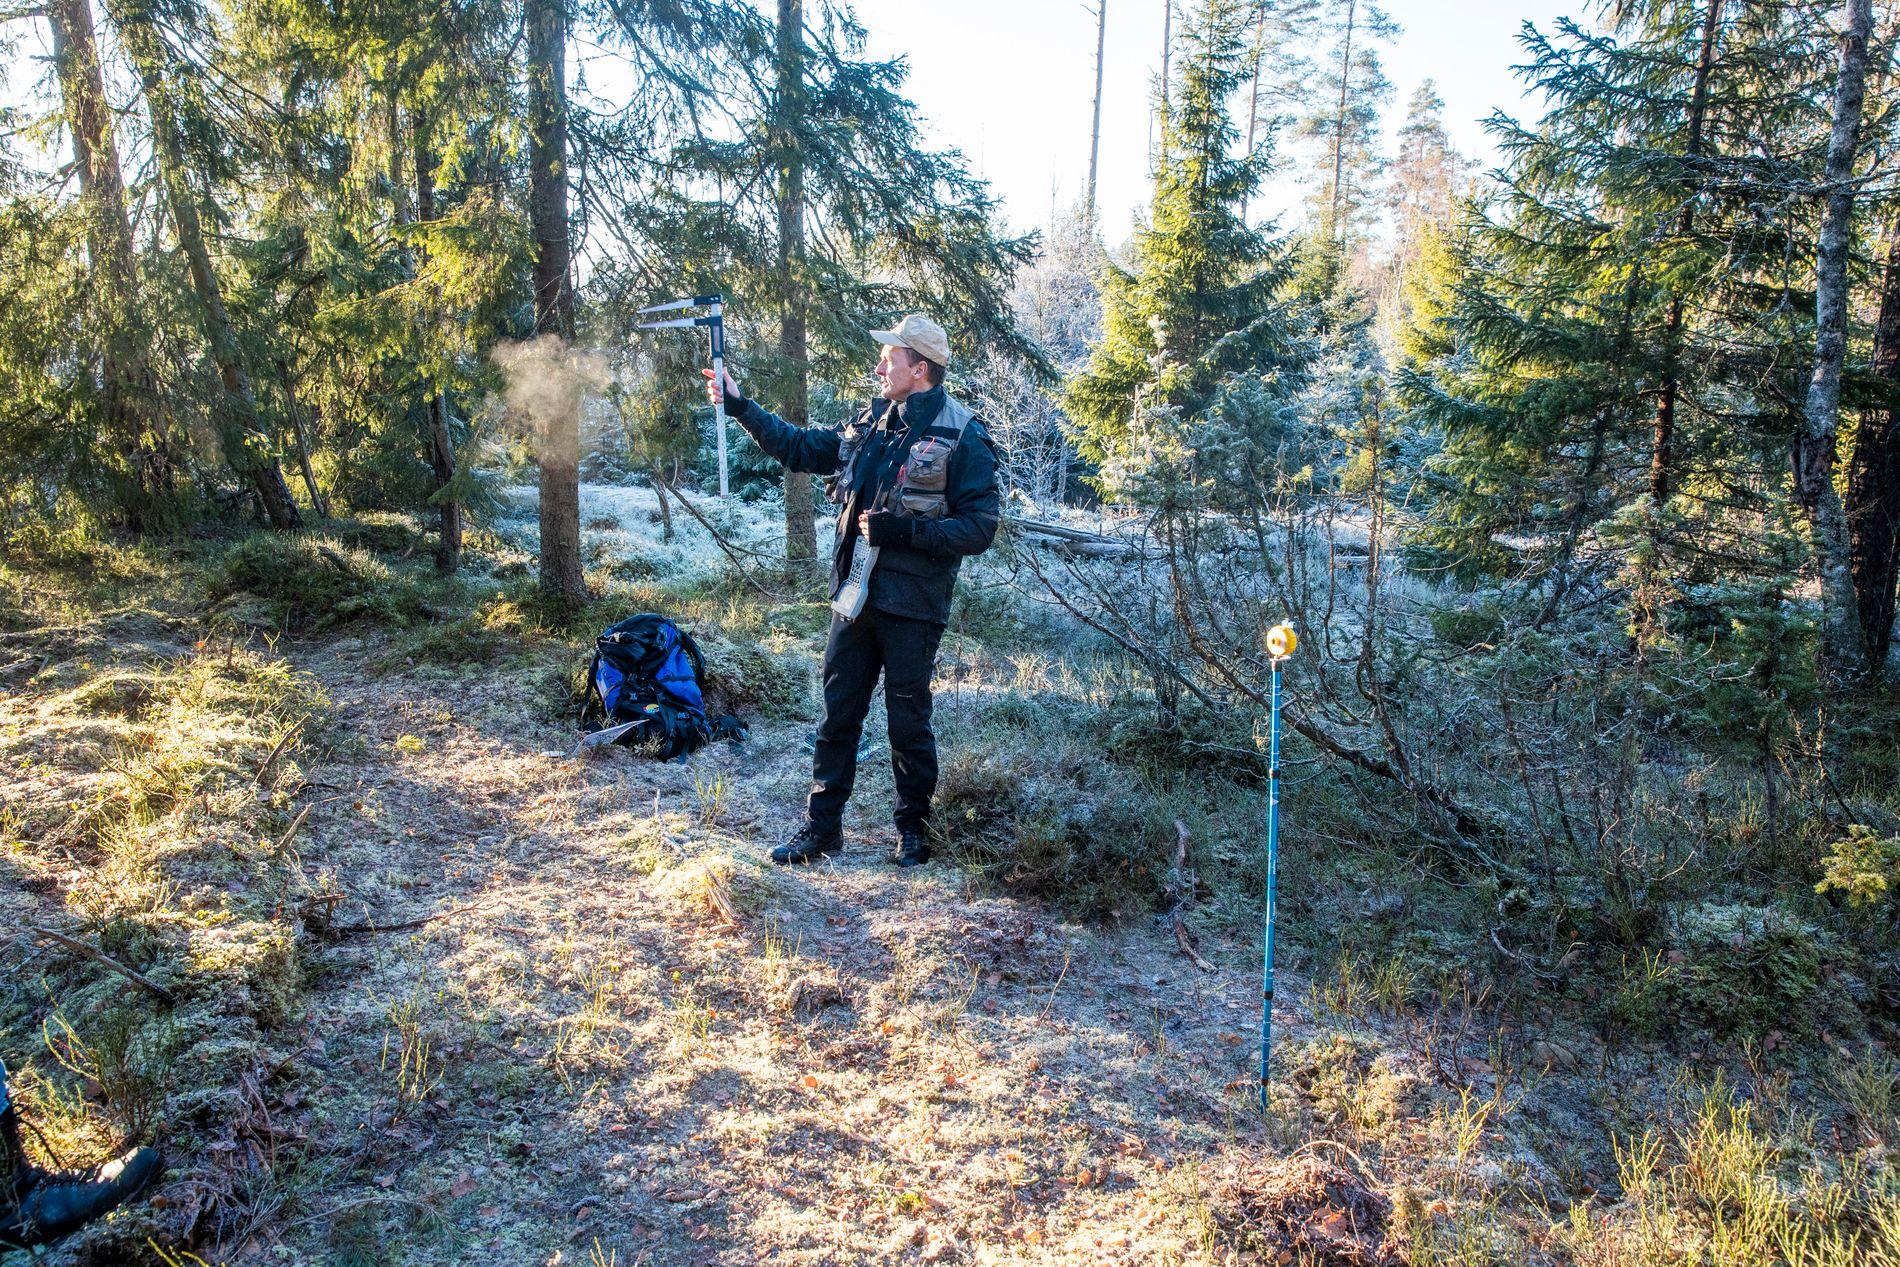 MÅLER SKOG: Knut Ole Viken viser hvordan skogen blir talt og målt.